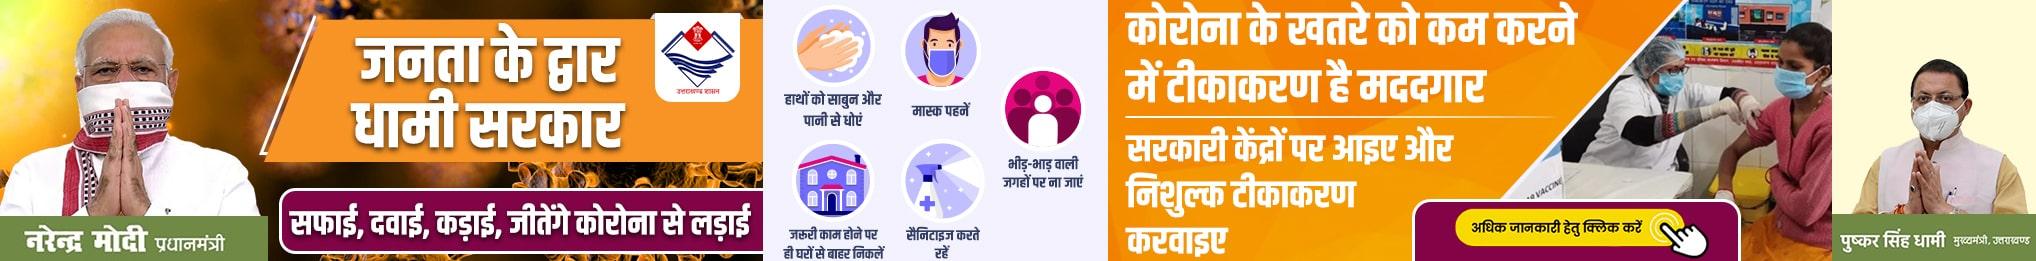 Uttarakhand Goverment